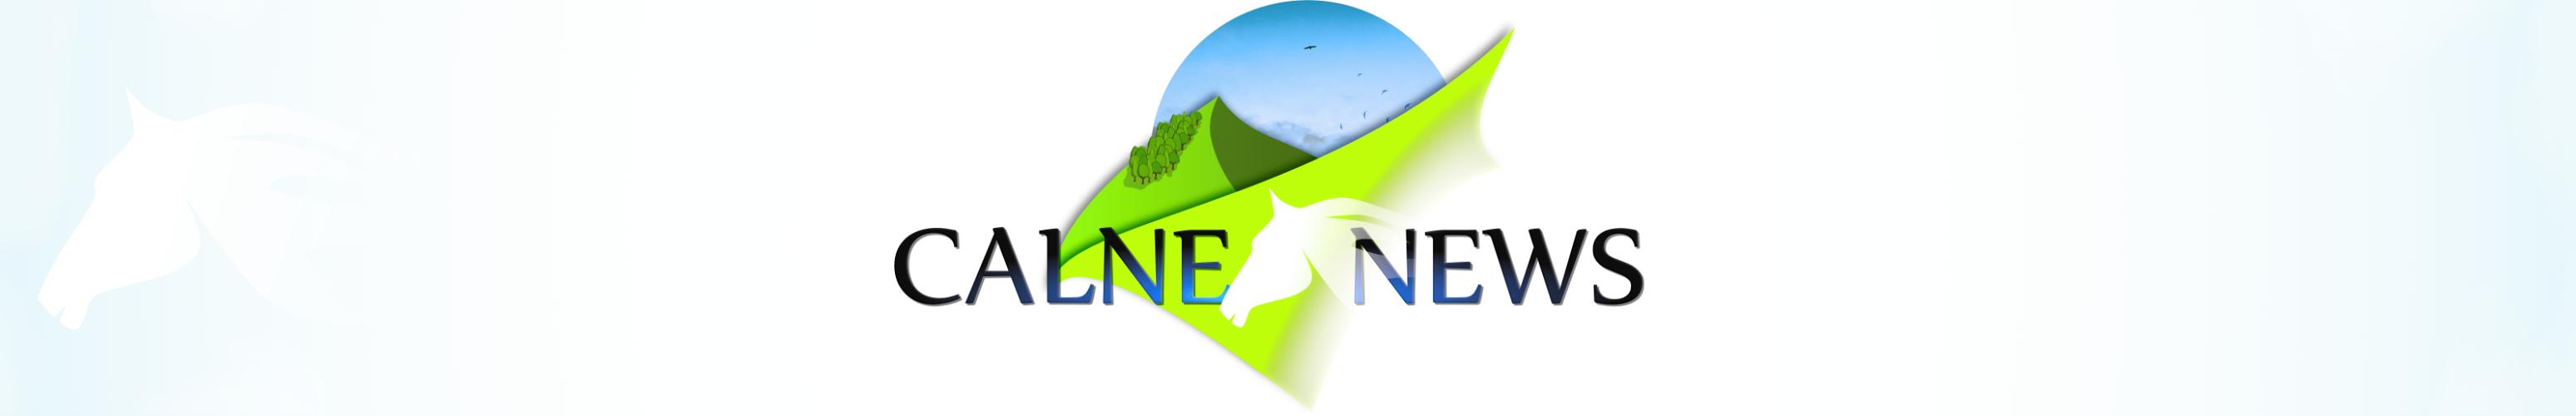 Calne News